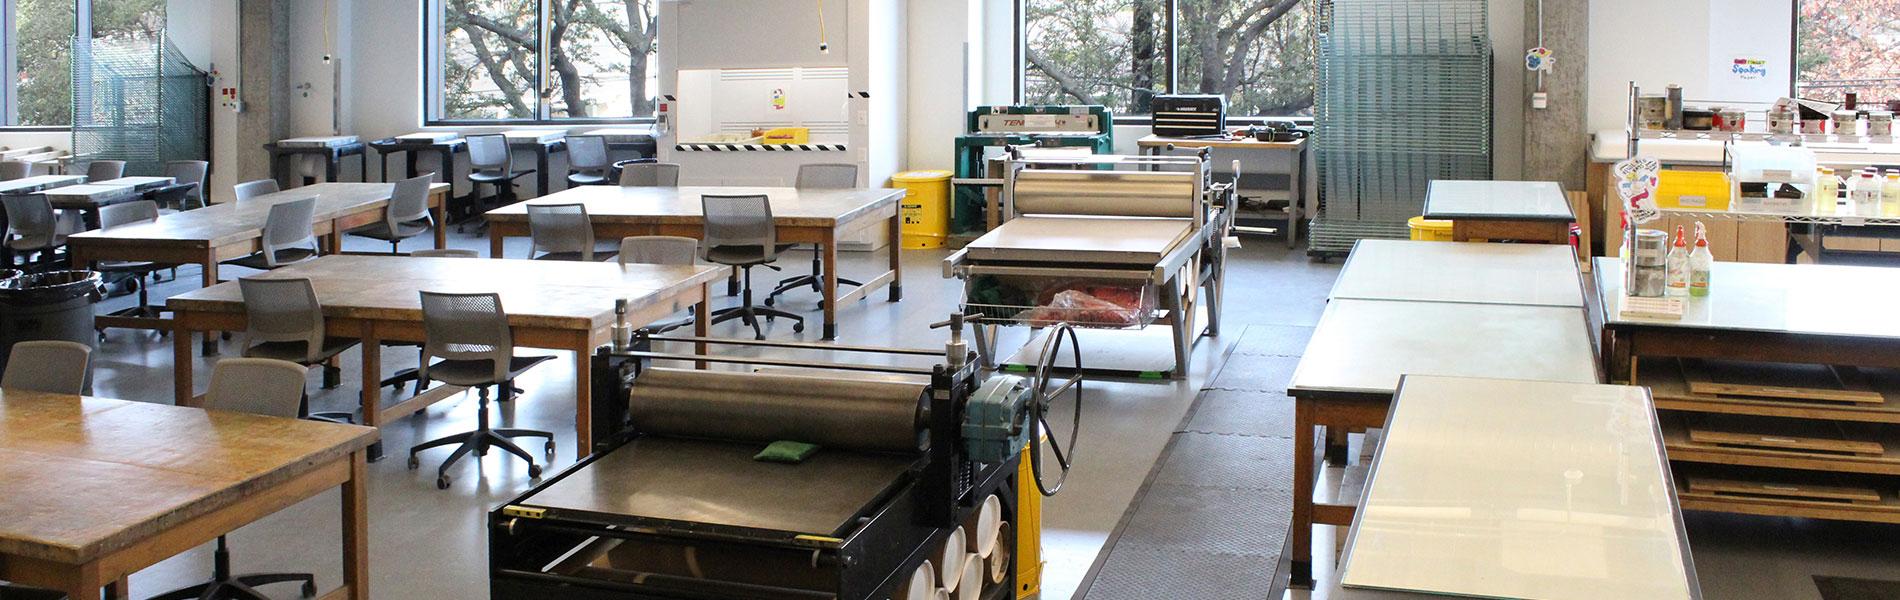 Printmaking etching stations